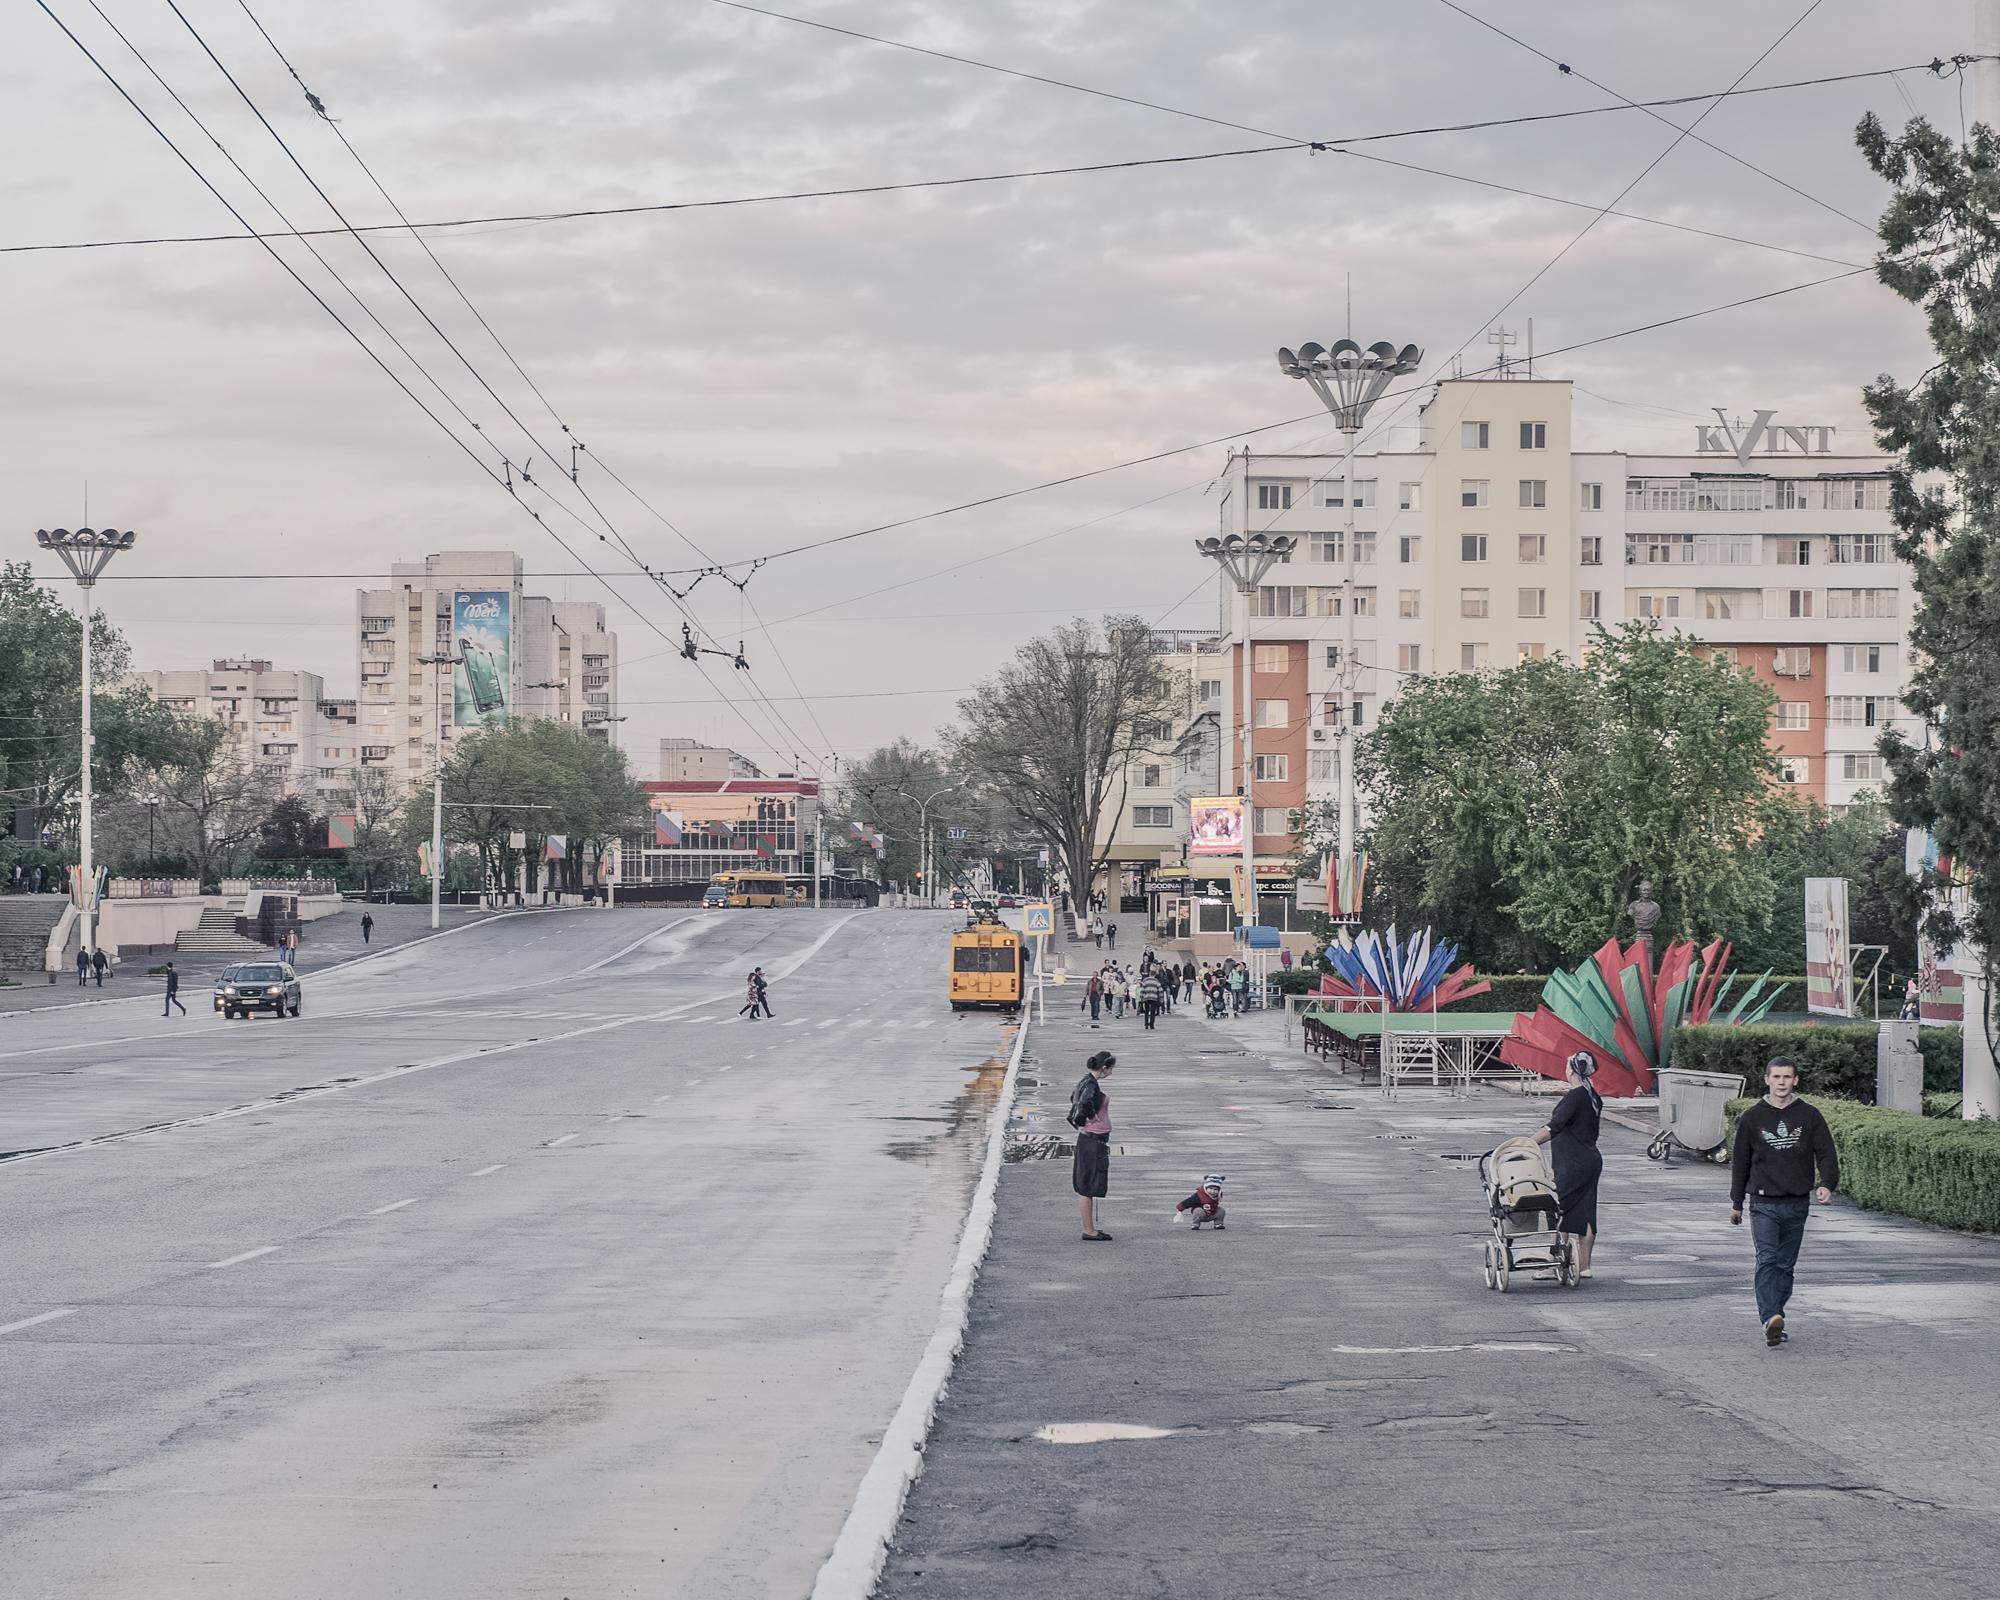 transnistria-thomas-van-den-driessche-002.jpg